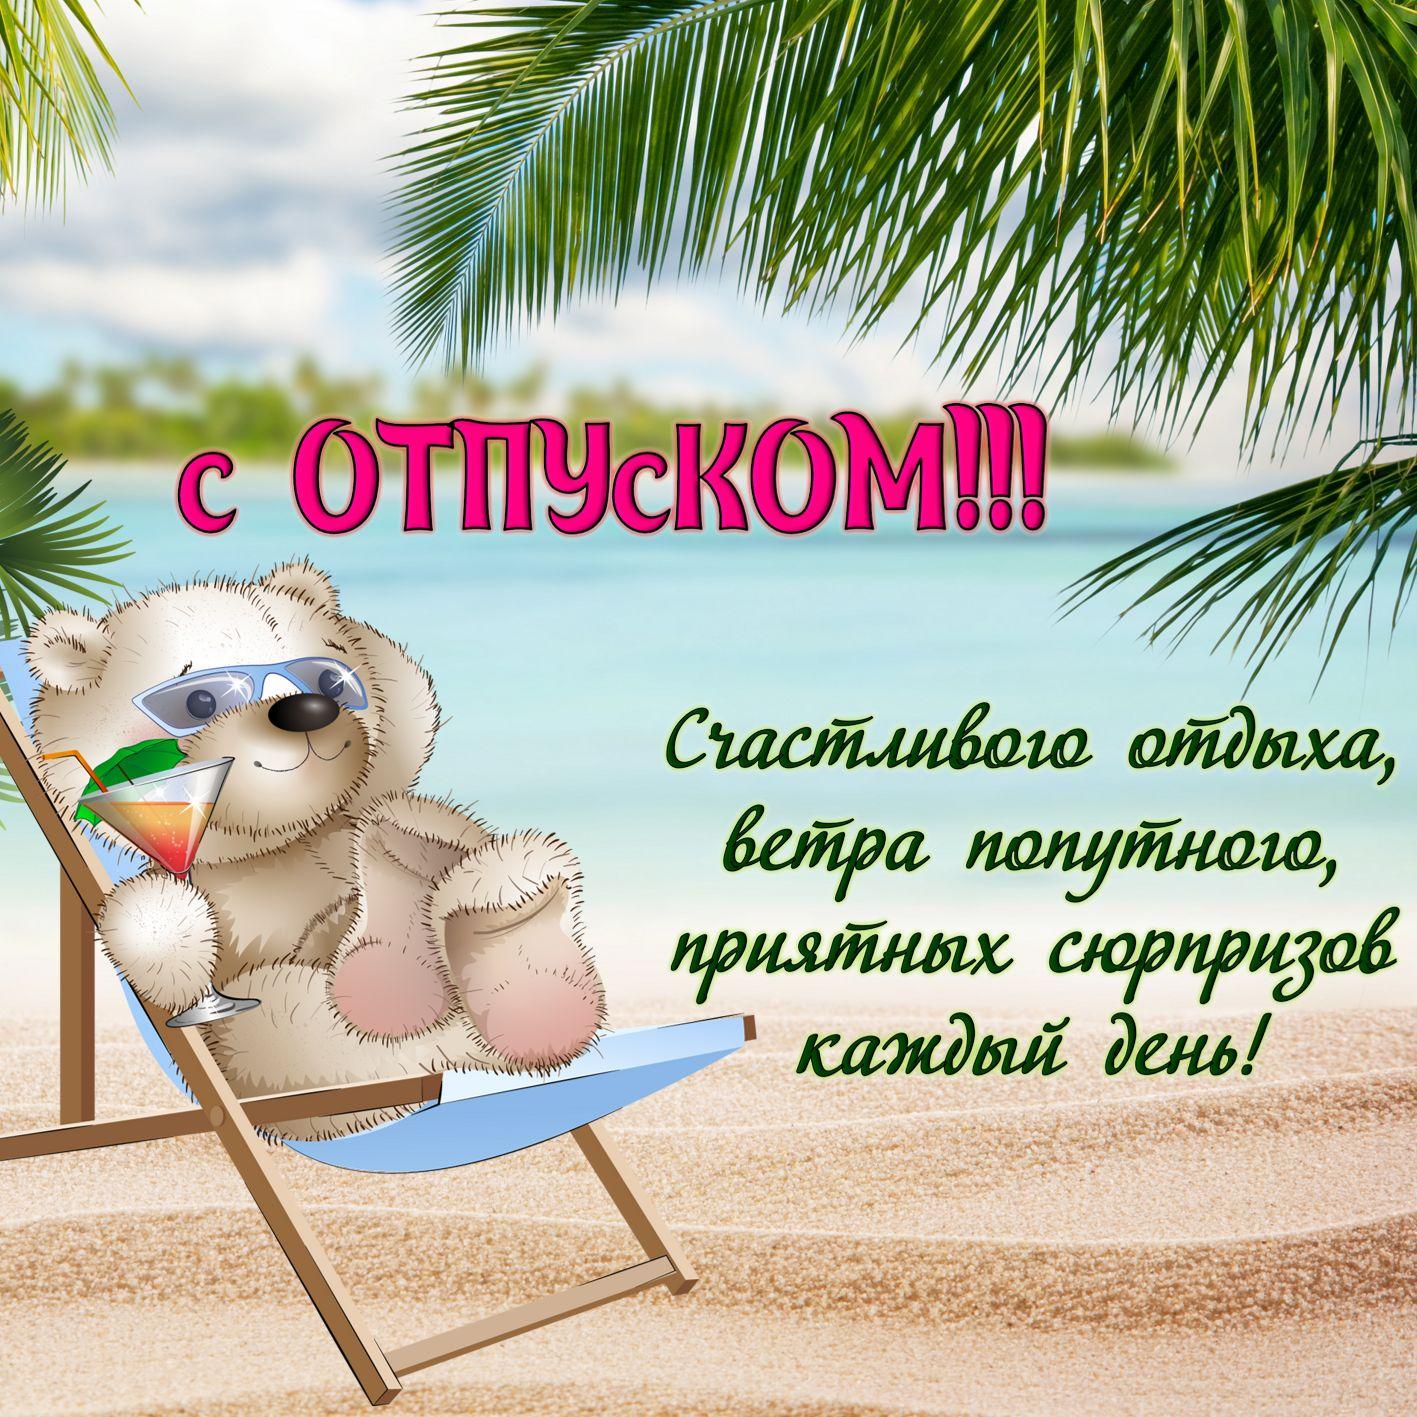 Открытки имениннику, картинка с надписью про отпуск